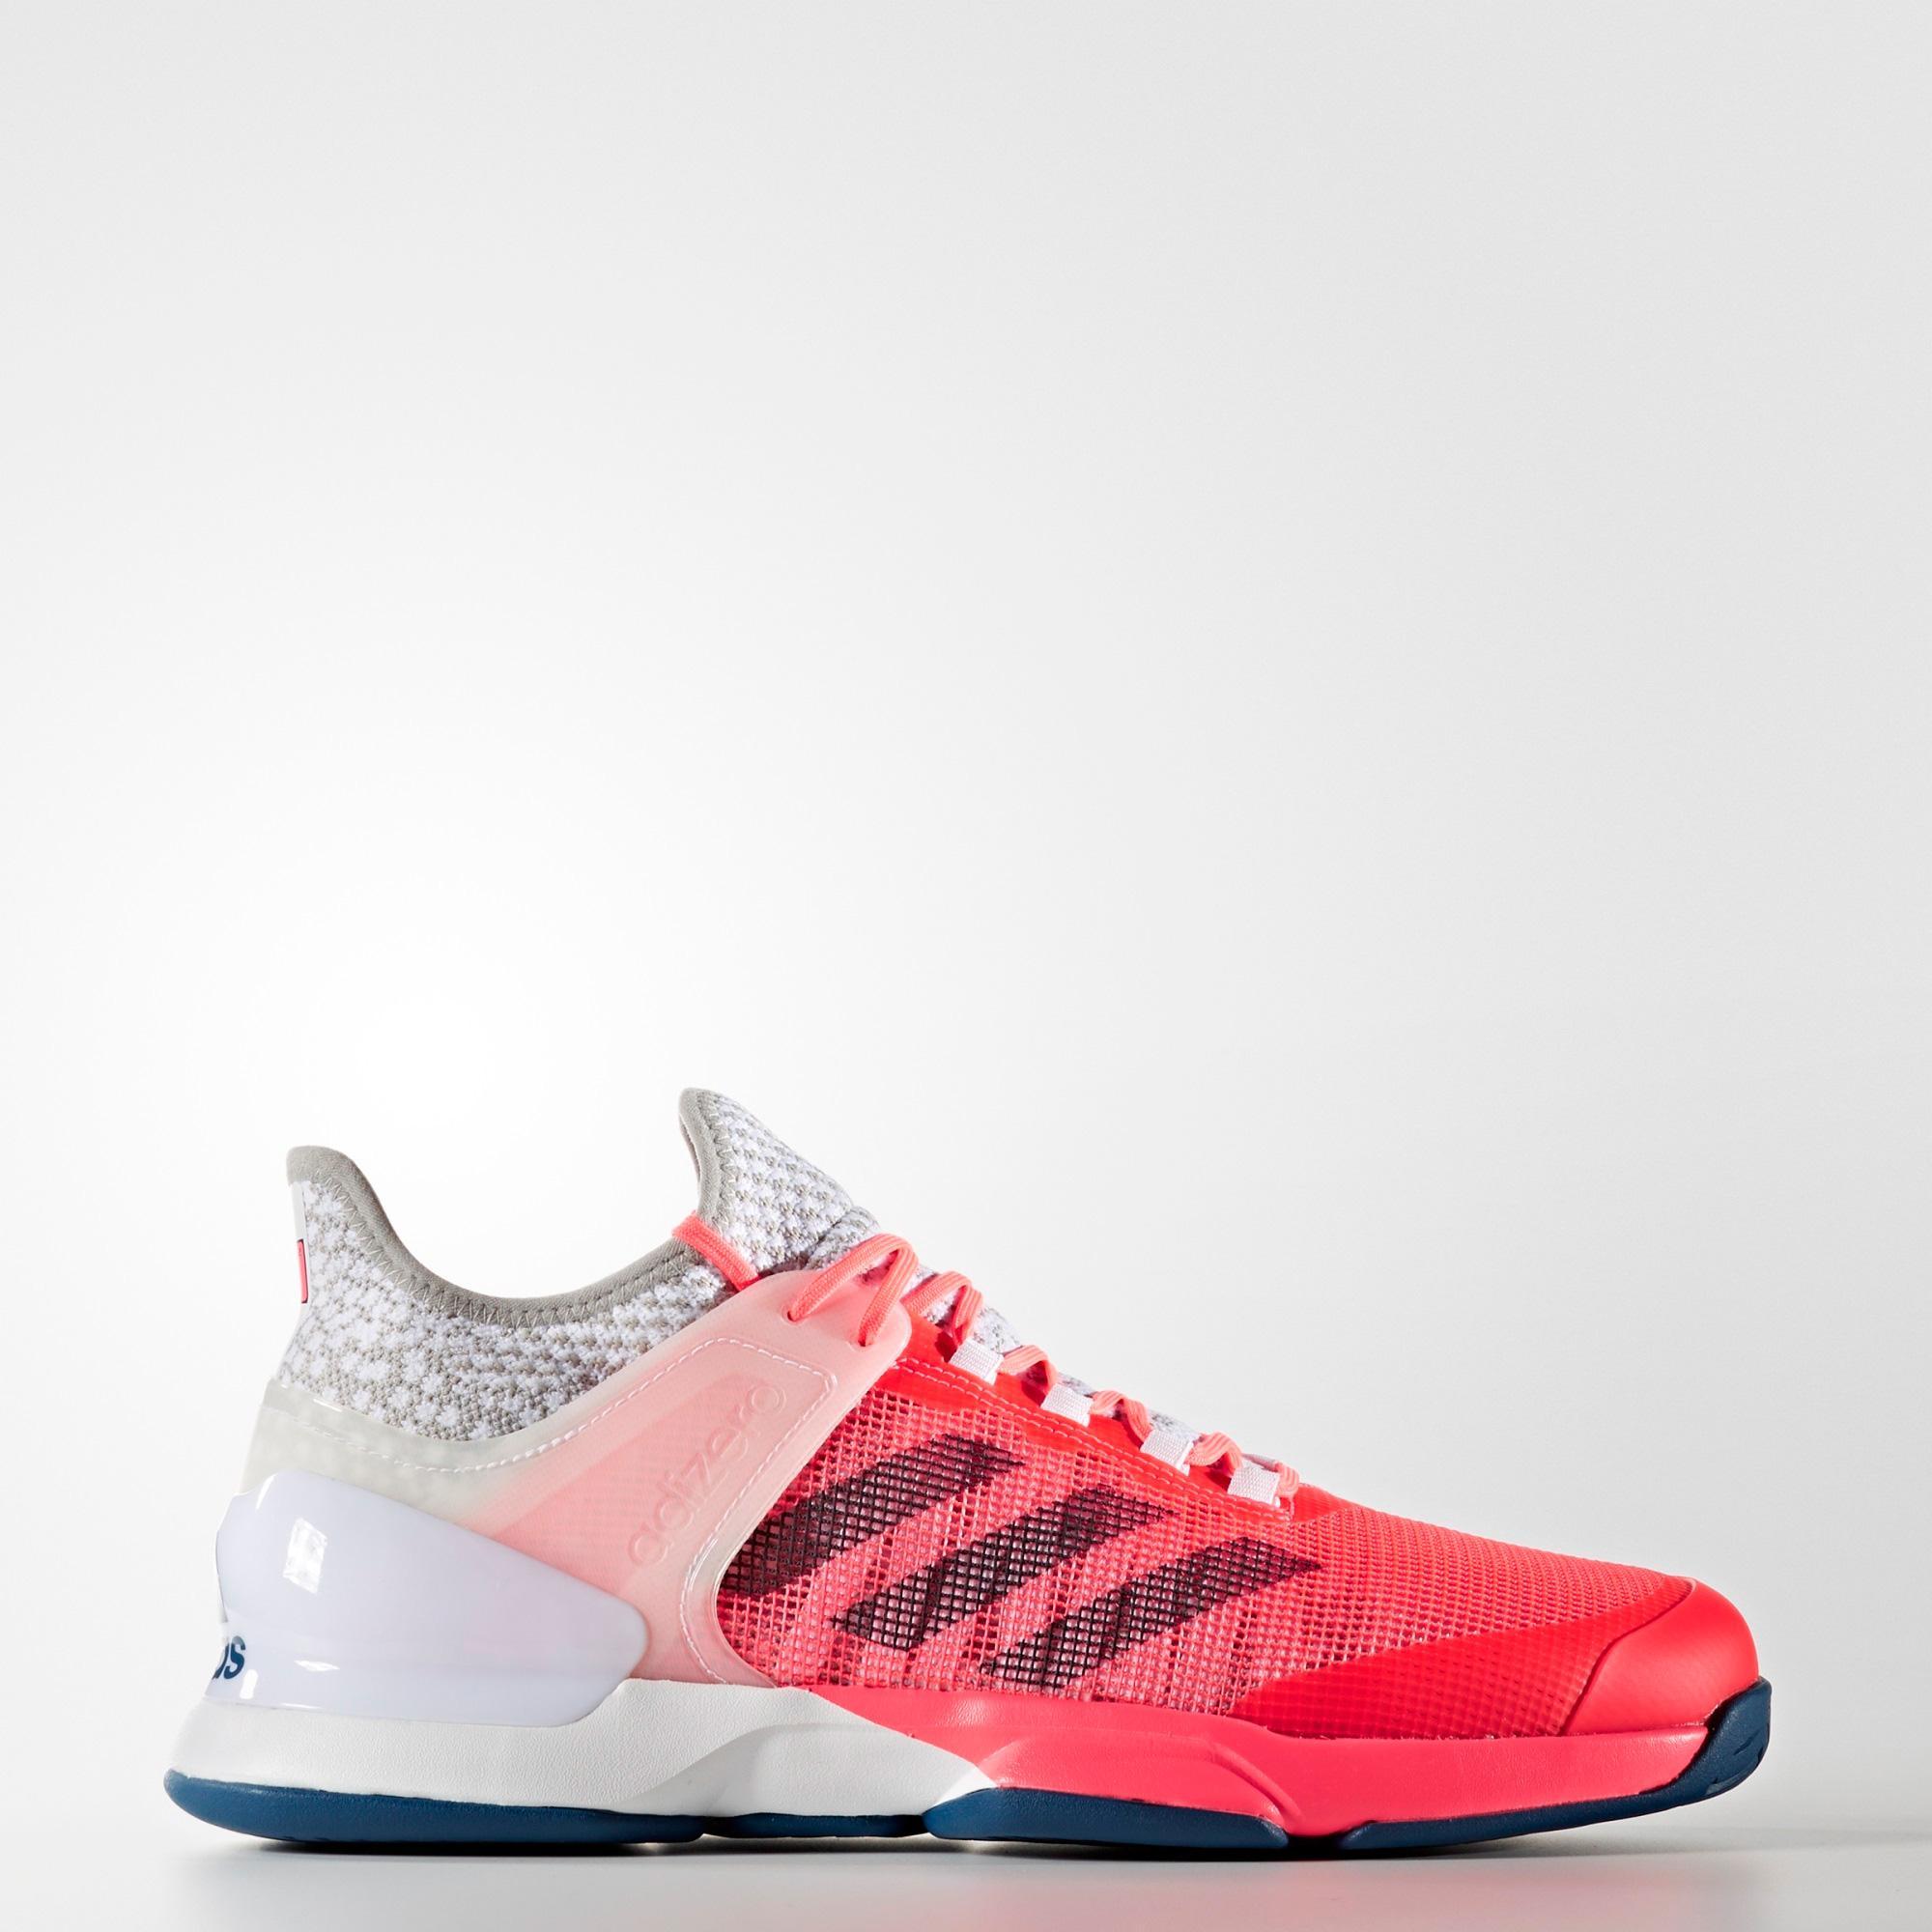 Mens Ubersonic Shoes 0 Adidas Tennis Redwhite Adizero 2 0kX8nwOP